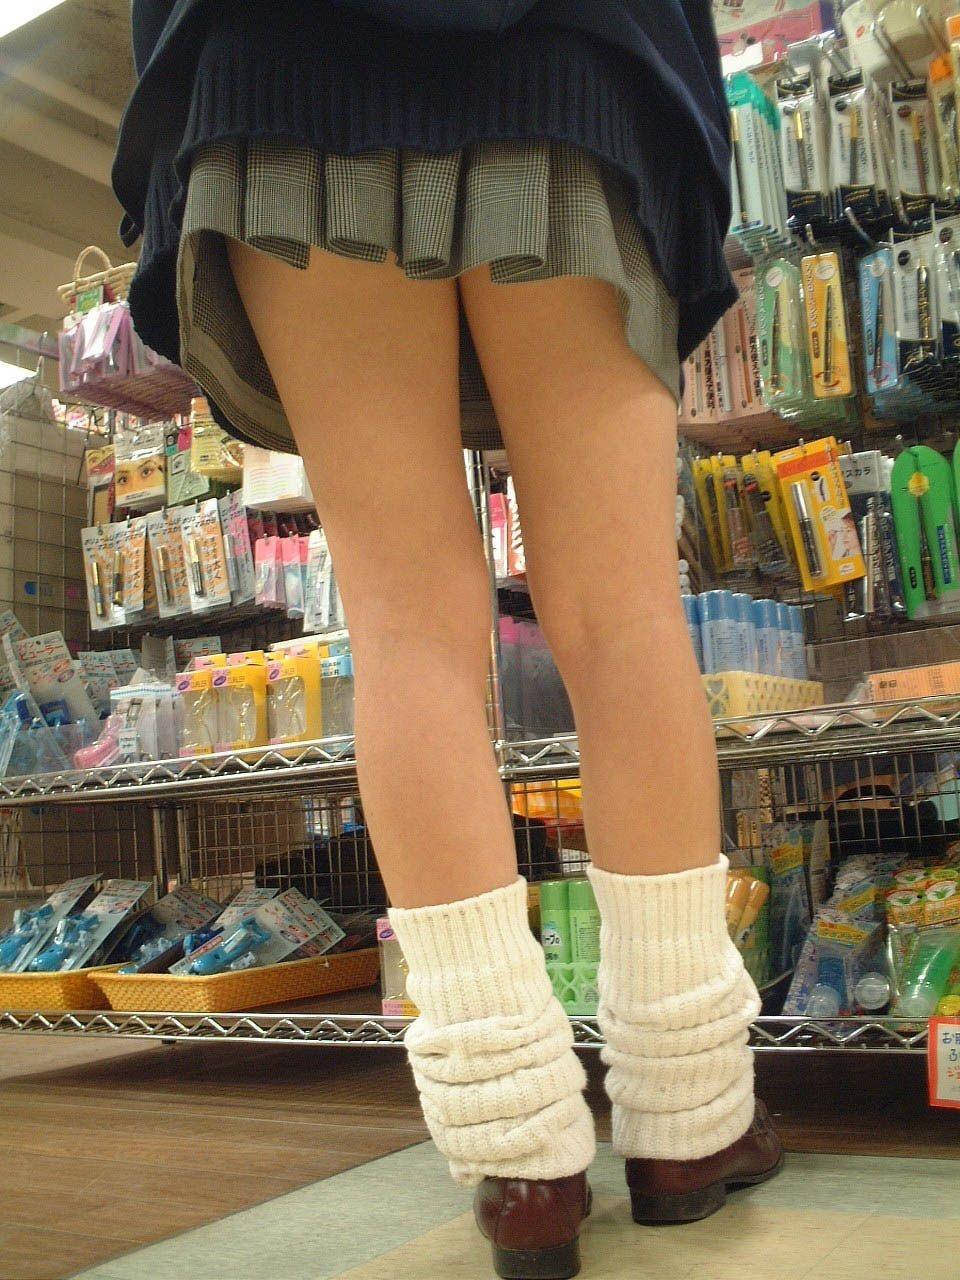 【美脚微エロ画像】若いムッチリ美脚が際立つwコギャル以外も履くルーズソックスwww 23